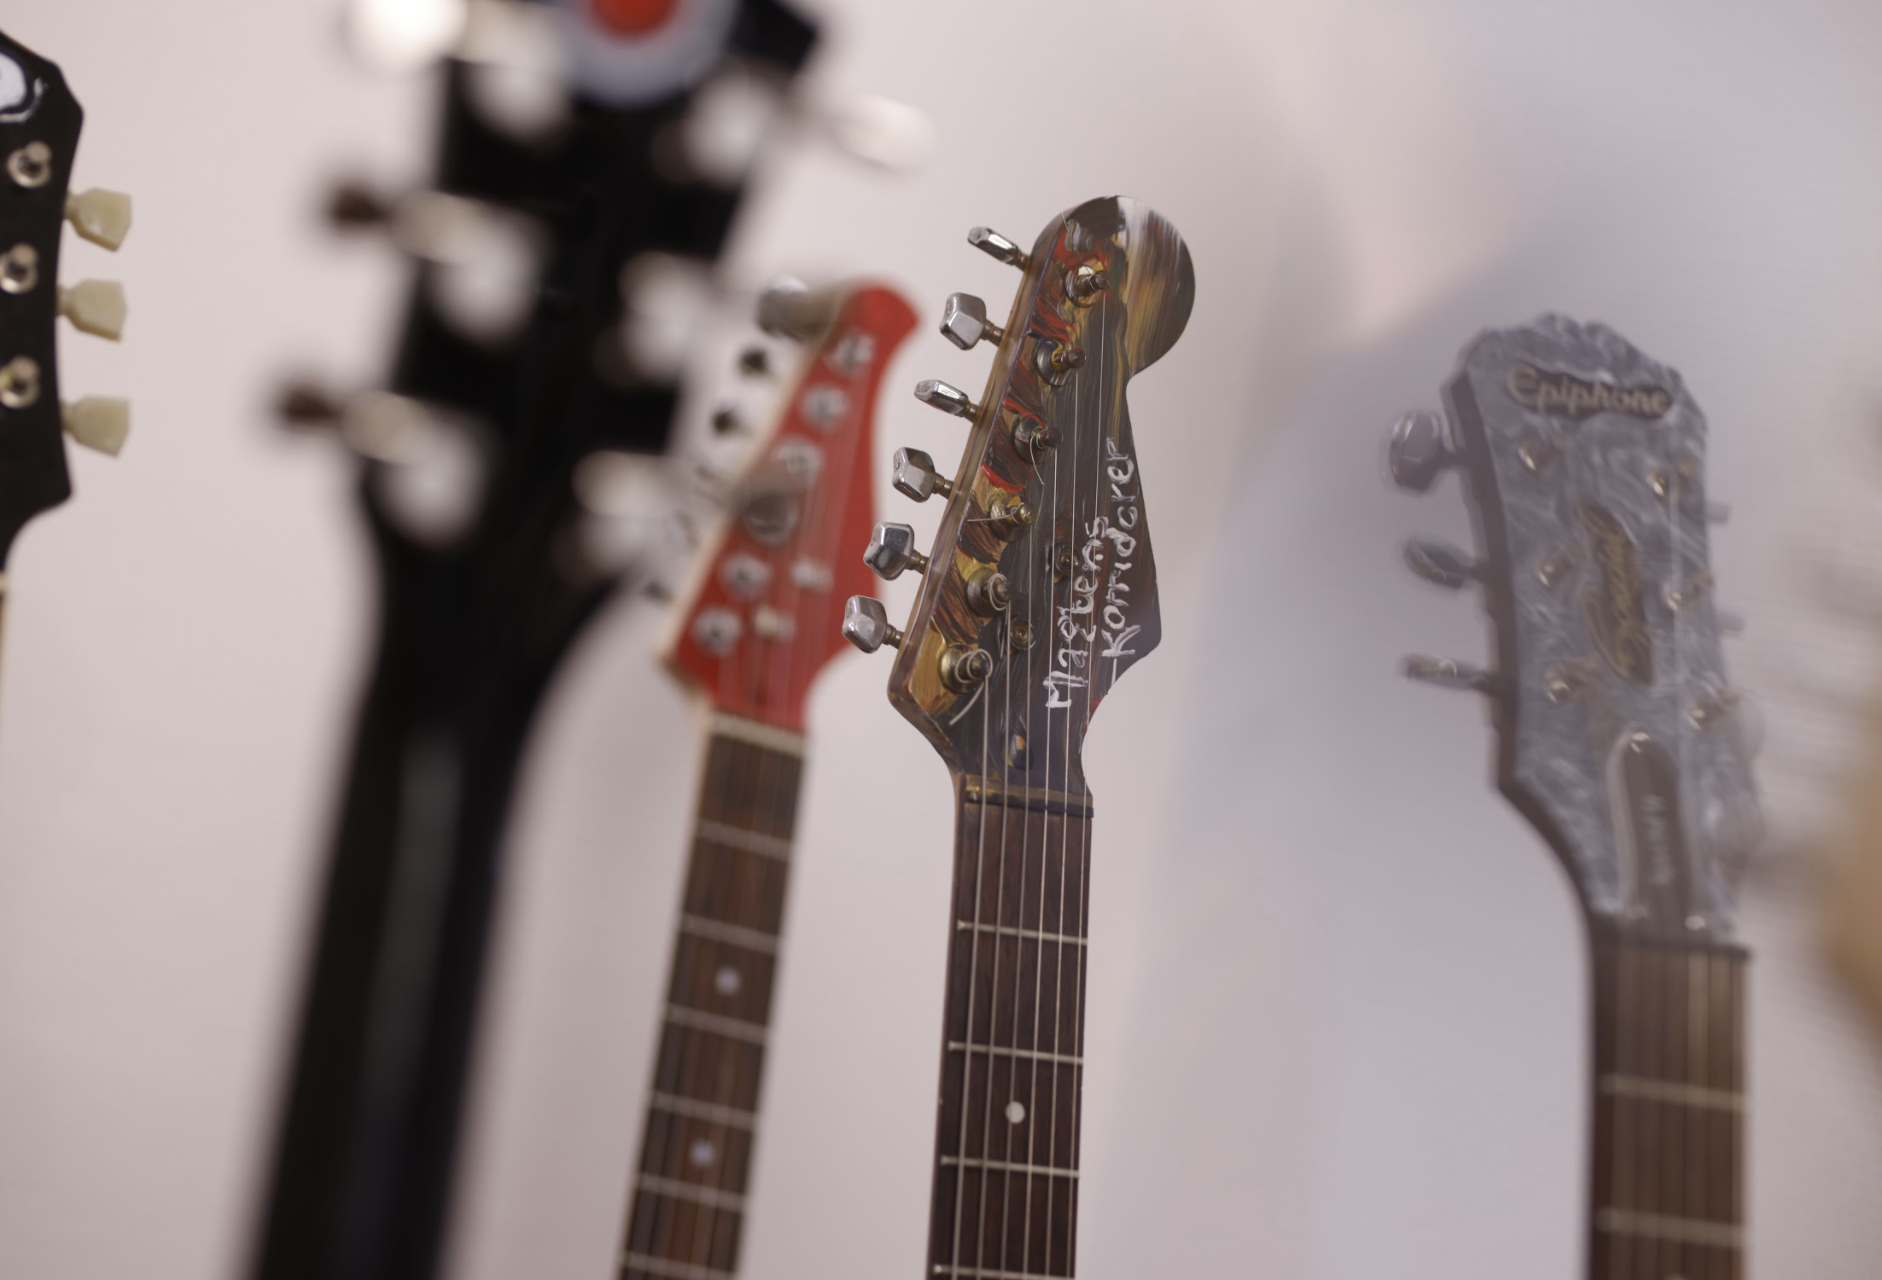 guitarer malet af kunstnere